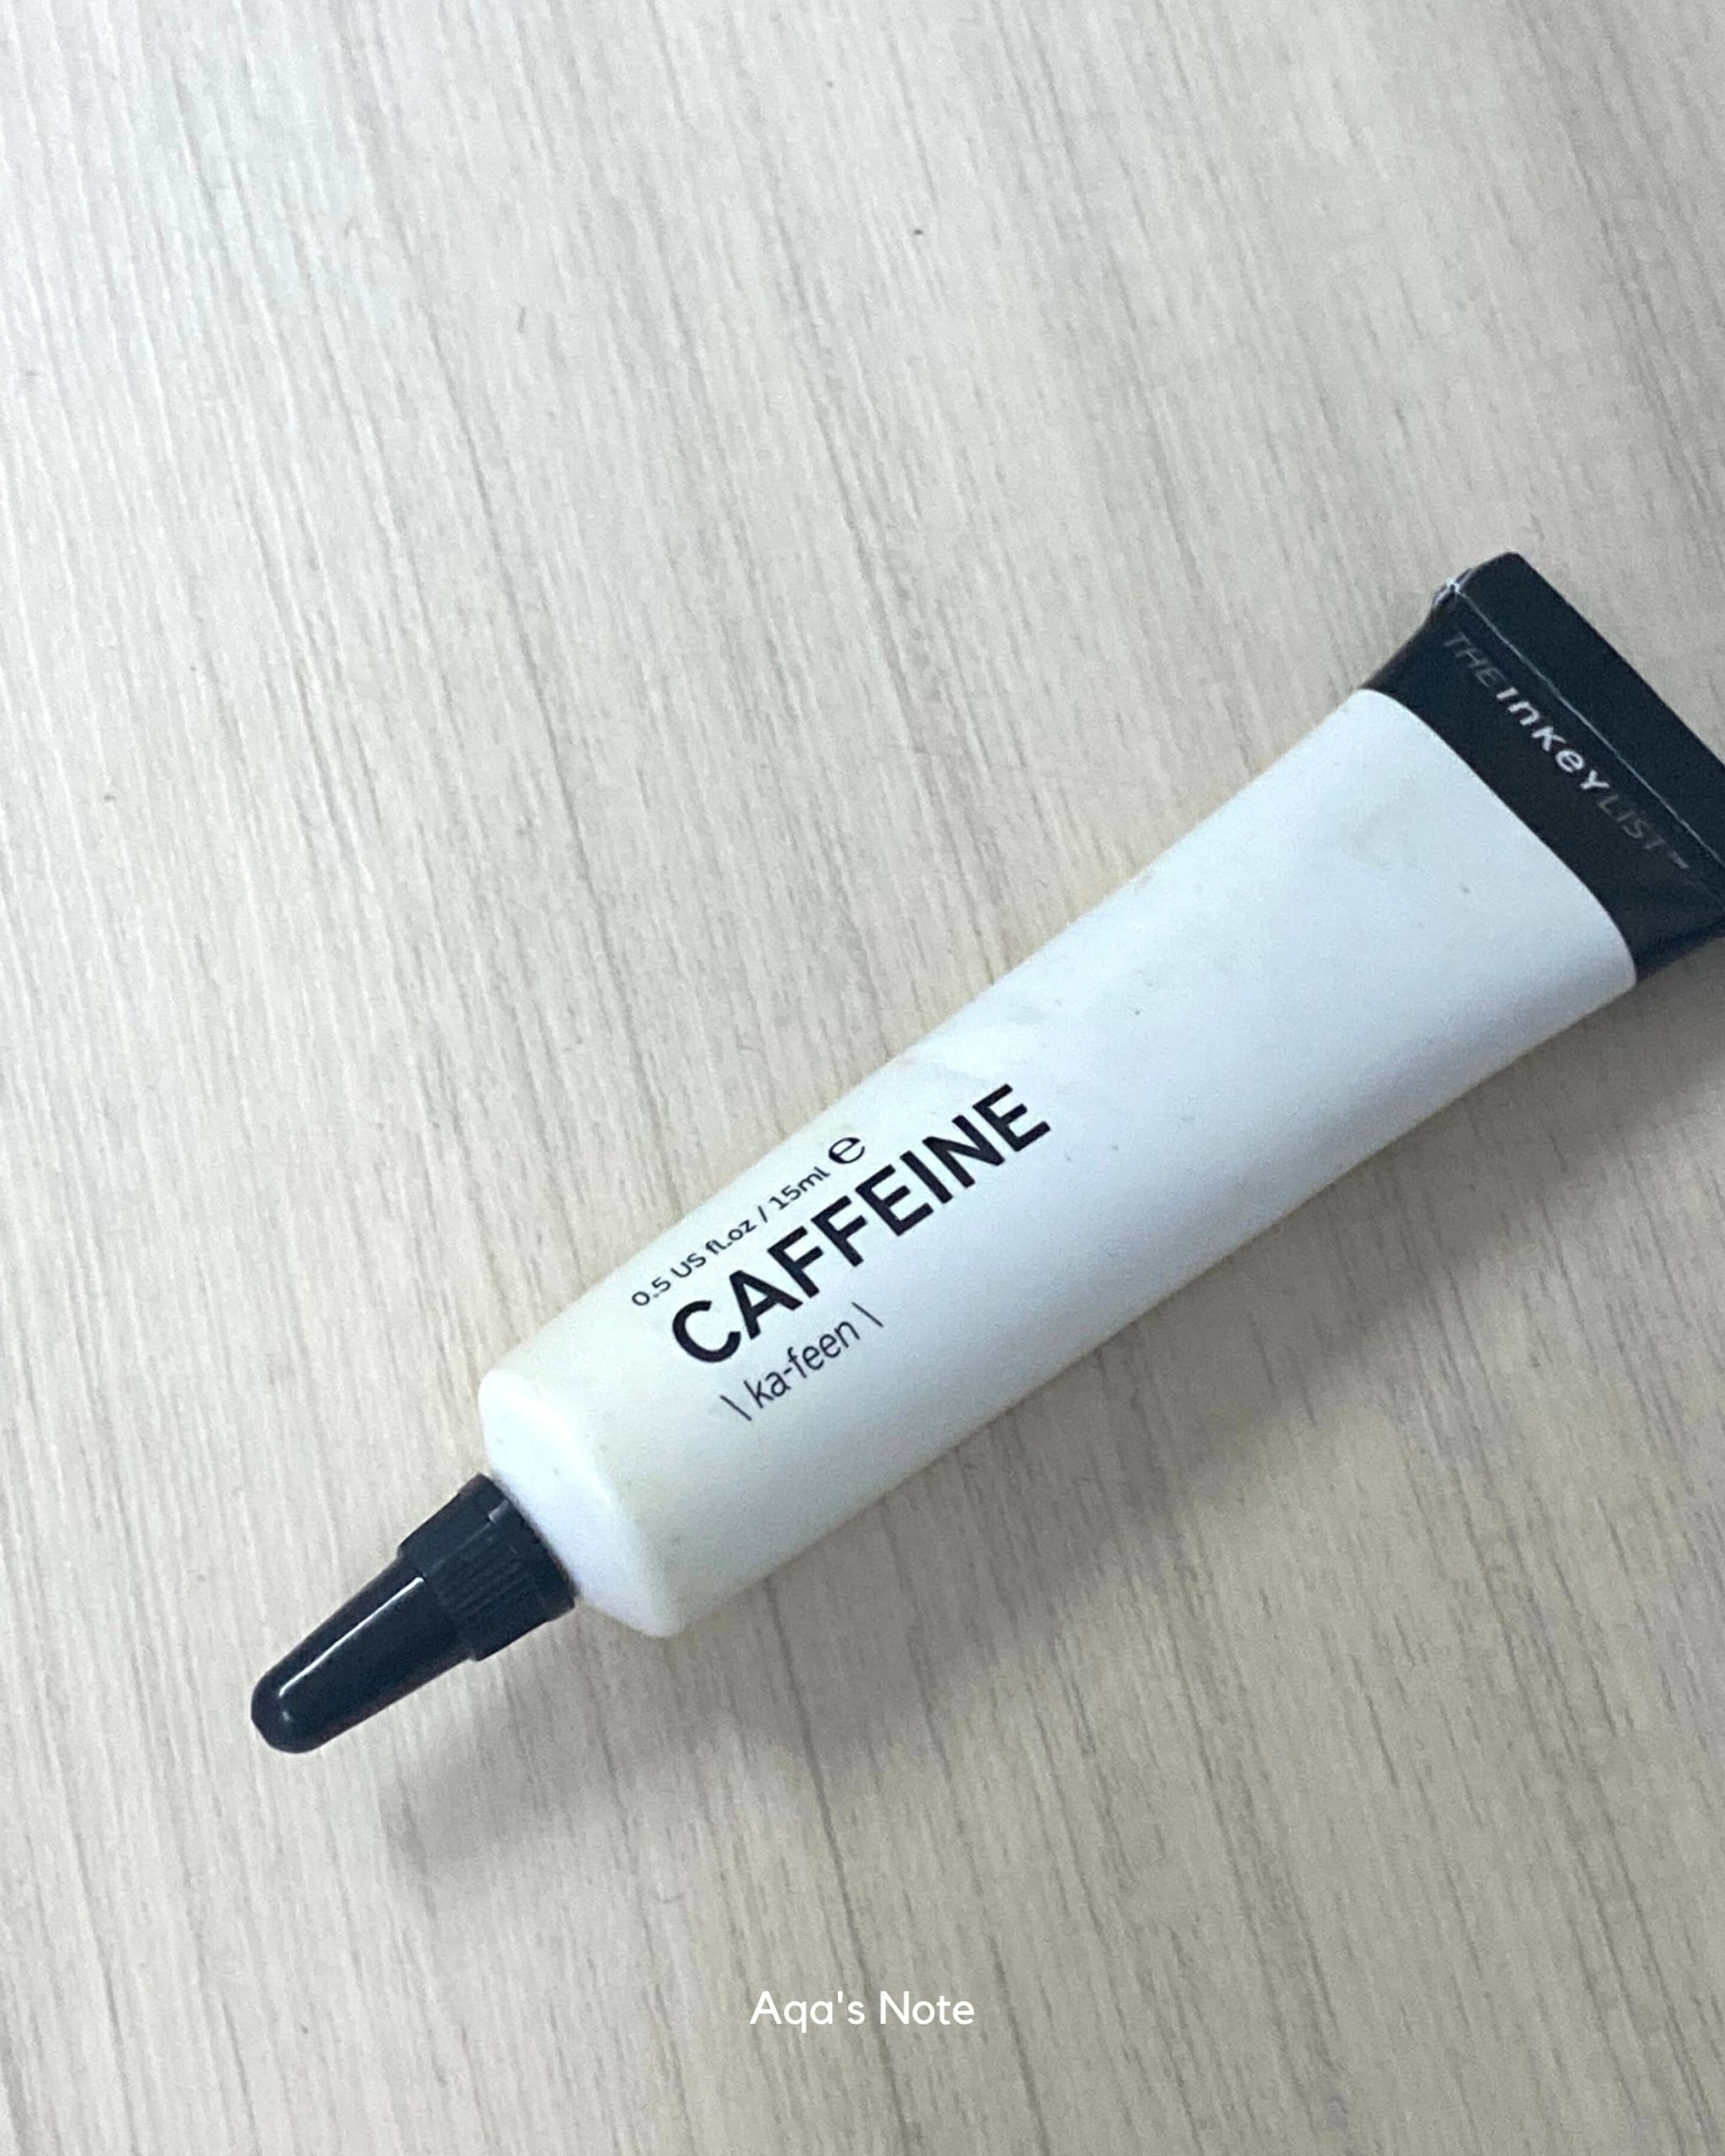 The Inkey List Caffeine